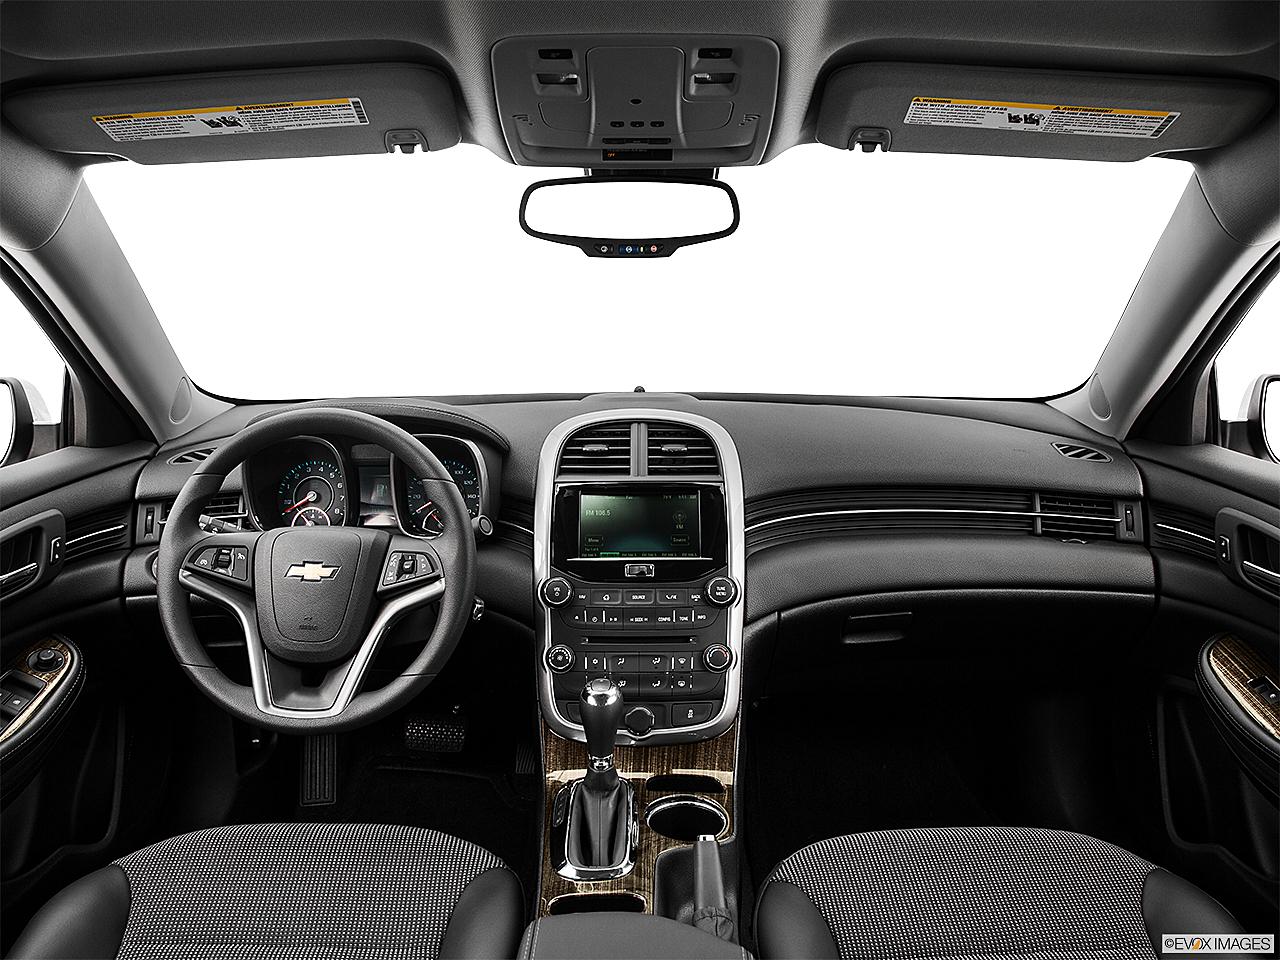 2016 chevrolet malibu limited ls 4dr sedan research. Black Bedroom Furniture Sets. Home Design Ideas